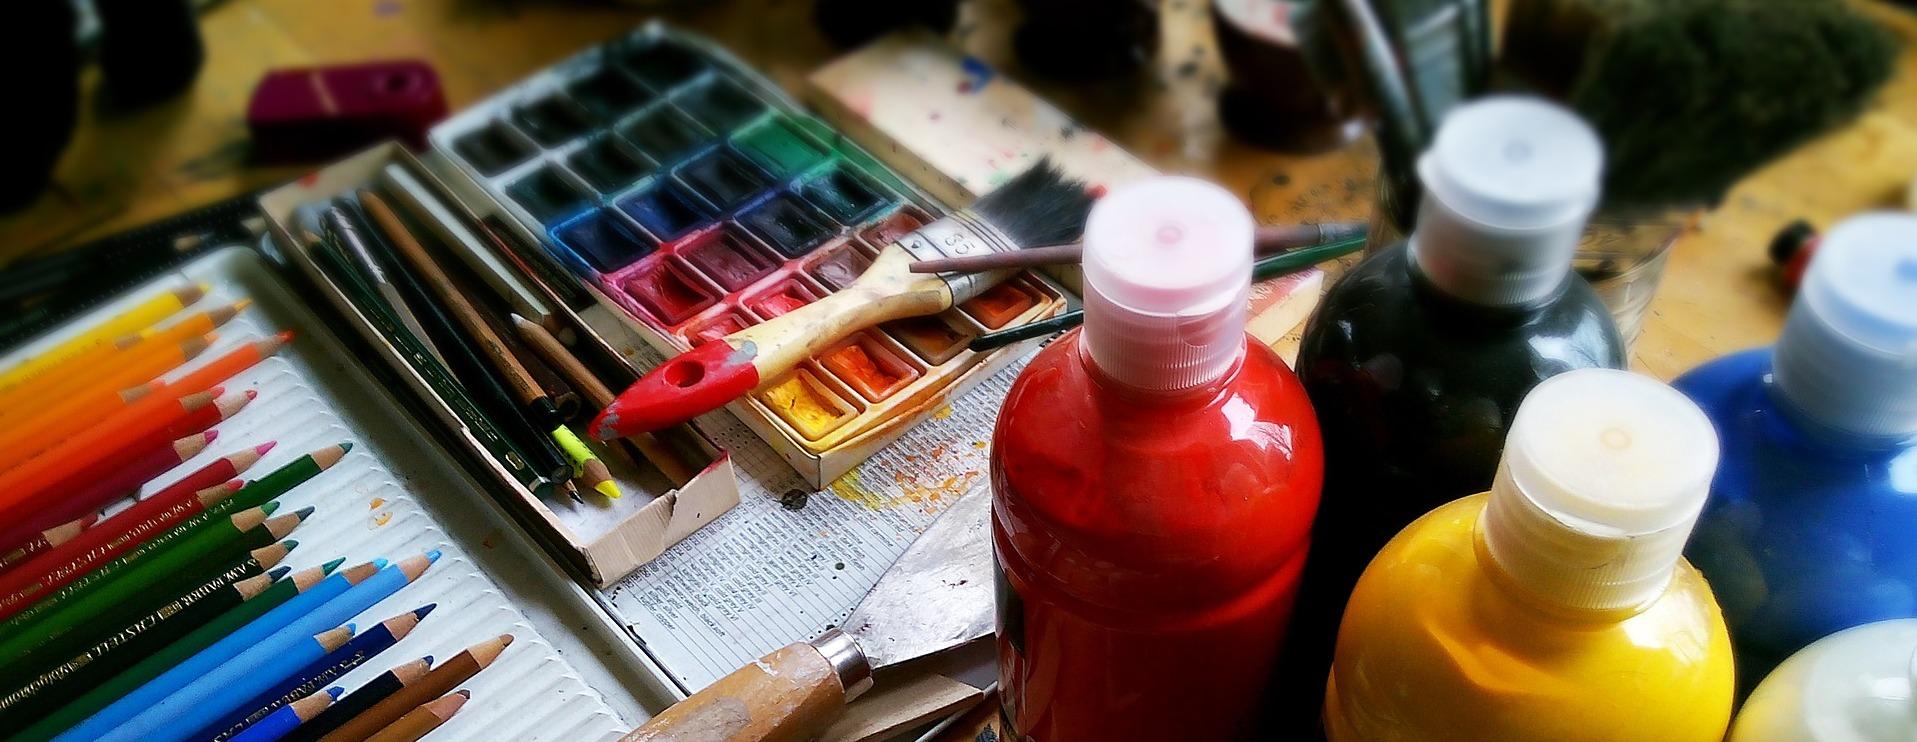 Иностранные студенты творческих профессий прошли обучение в России